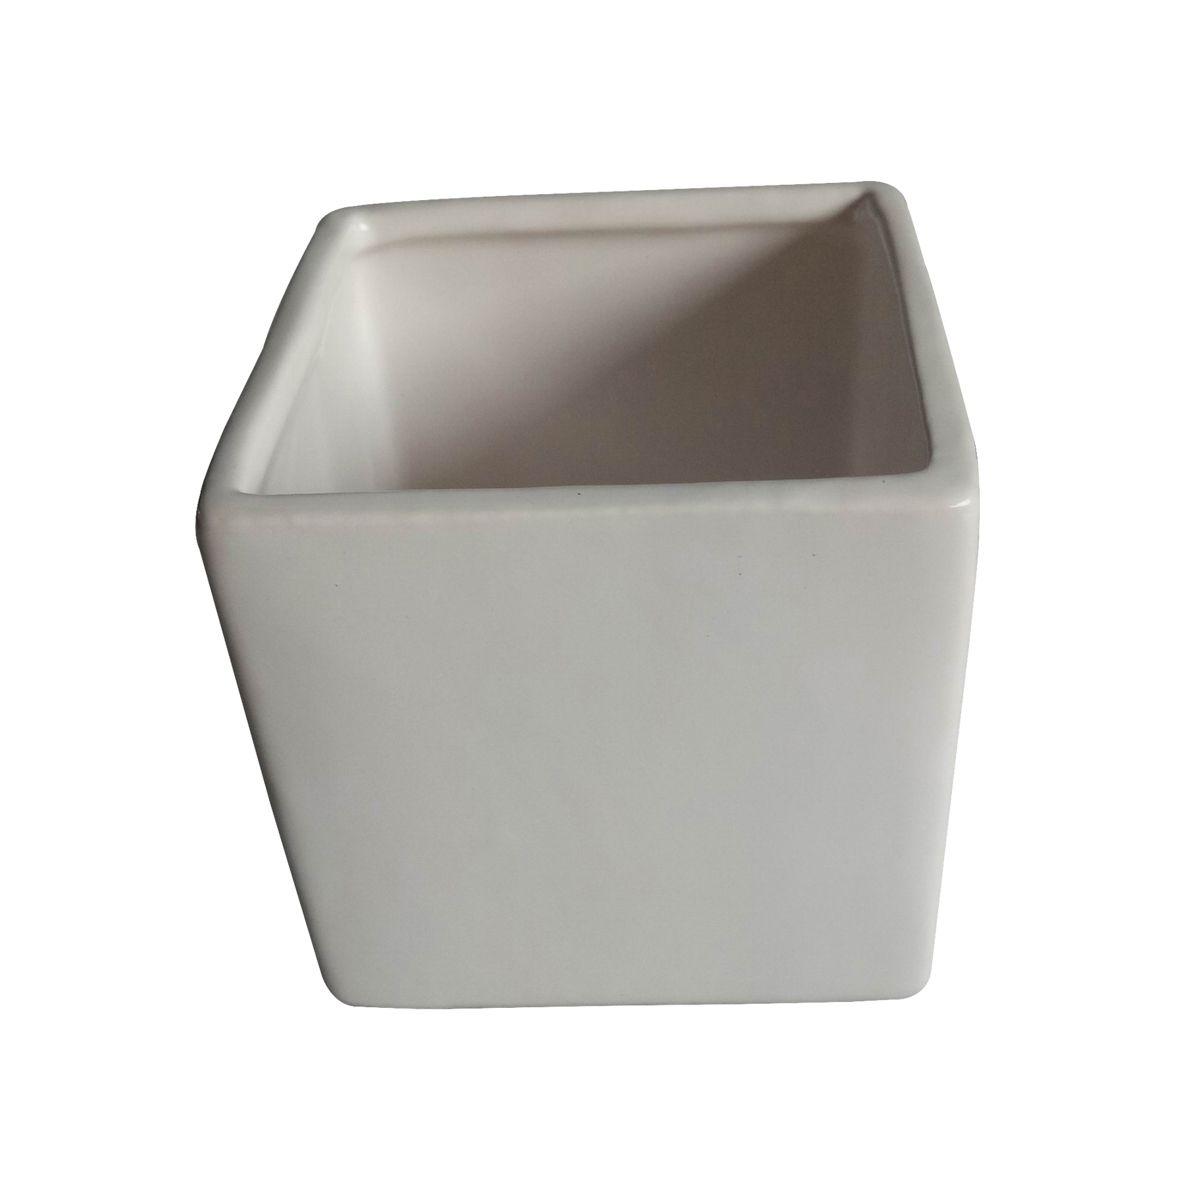 Cachepô de Cerâmica Quadrado Basics Branco 10cm x 10cm - 44085